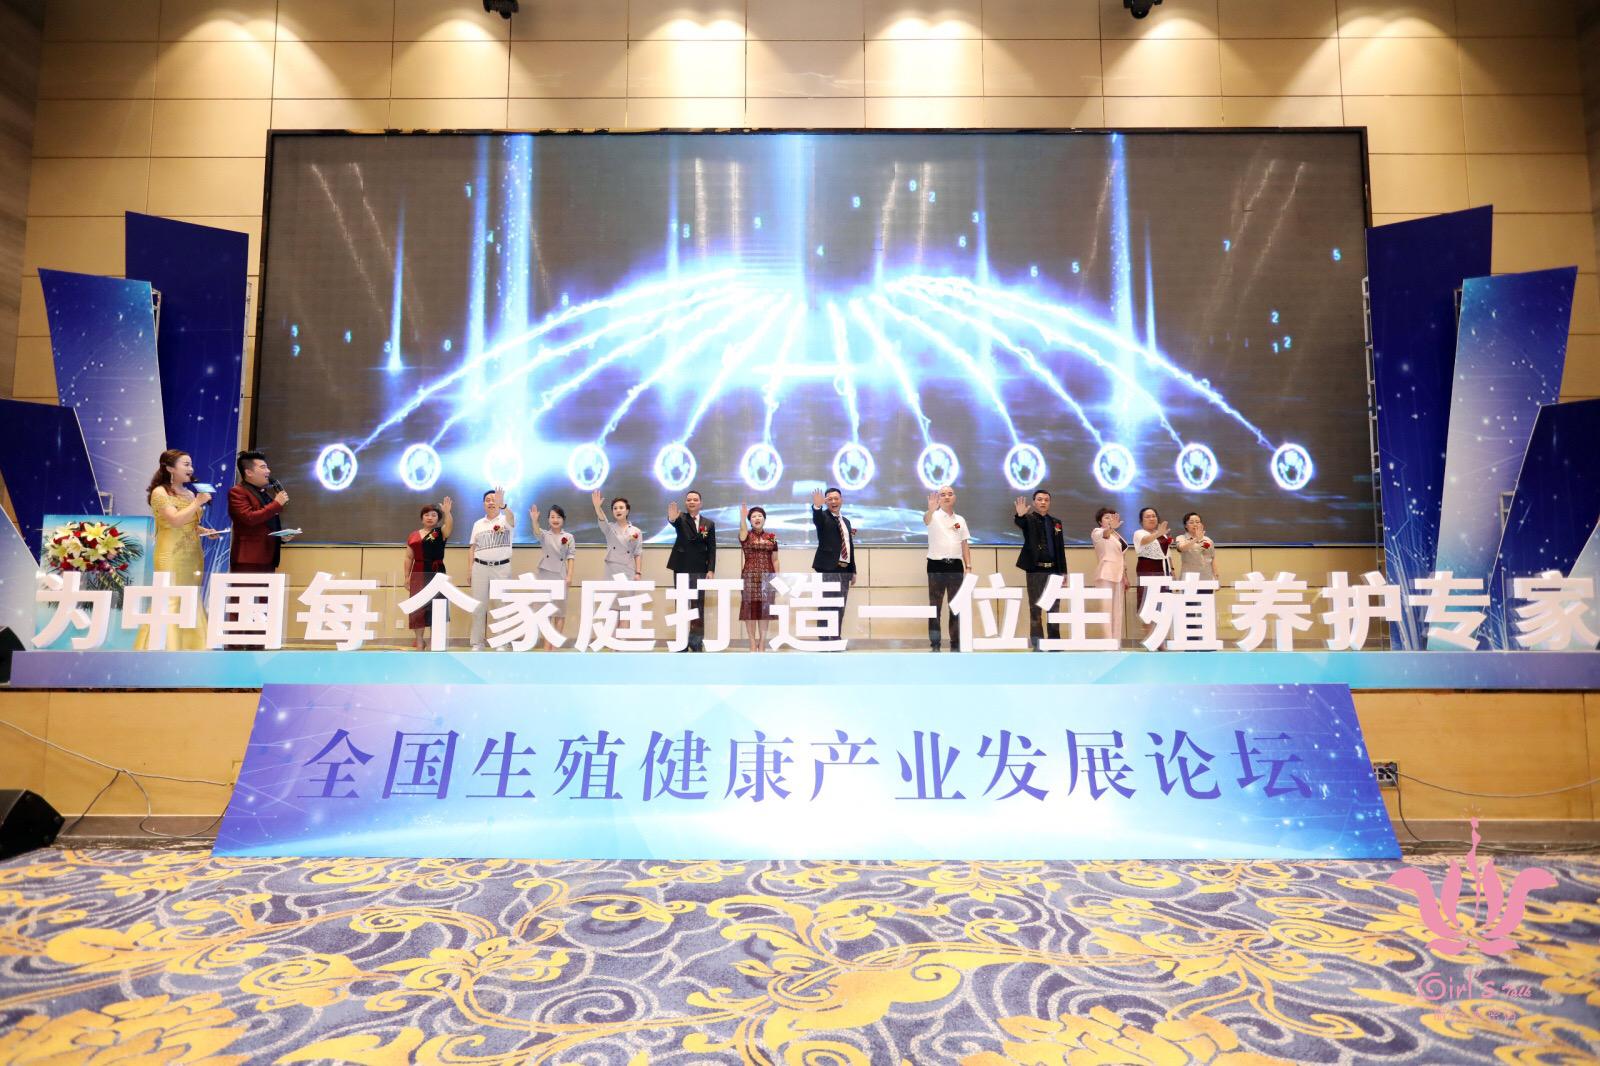 第一届全国生殖健康产业发展论坛在广州隆重举行